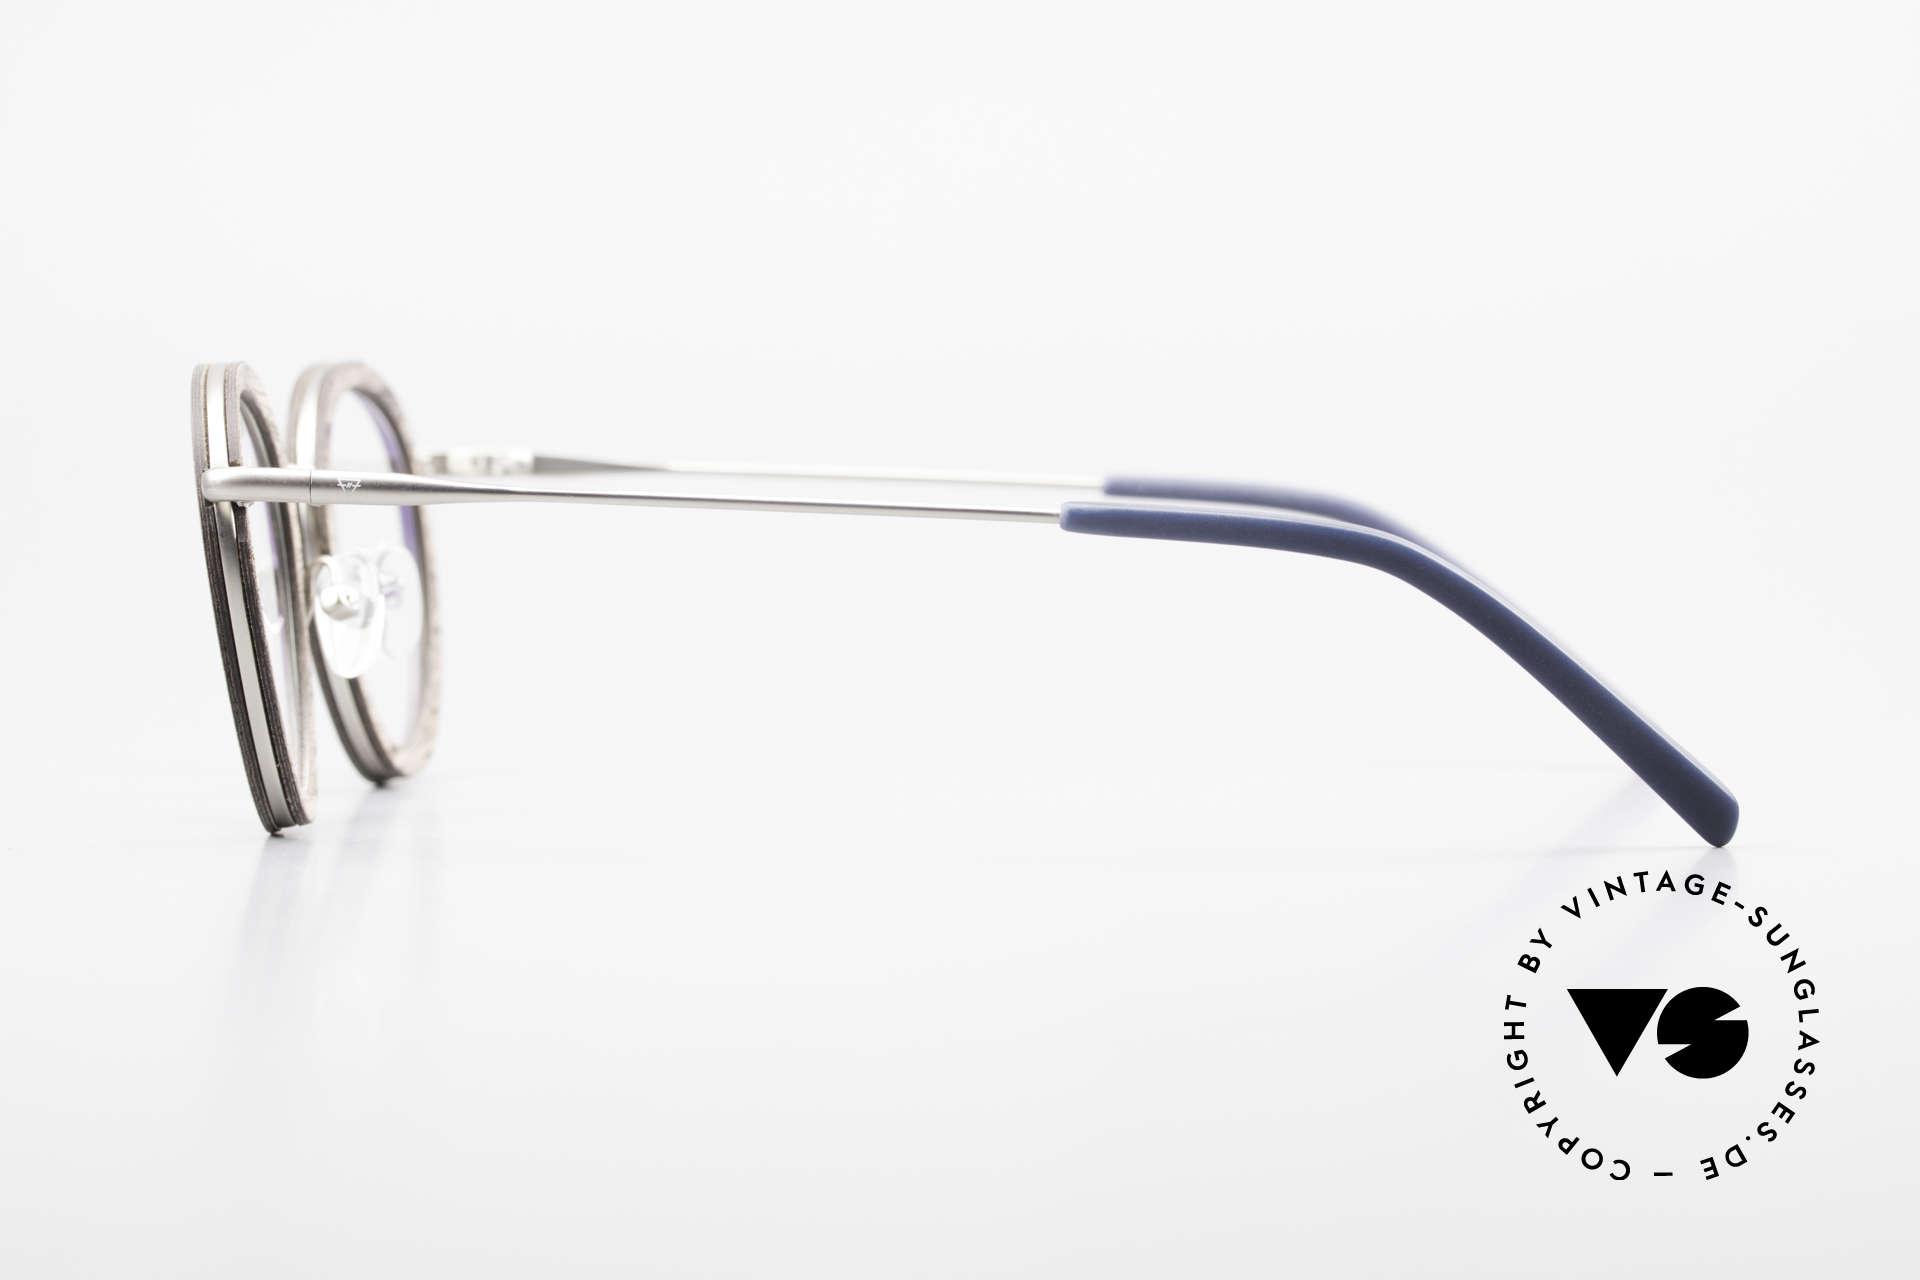 Kerbholz Otto Panto Holzbrille Rund Walnuss, jedes Holz-Modell ist individuell (dank der Maserung), Passend für Herren und Damen